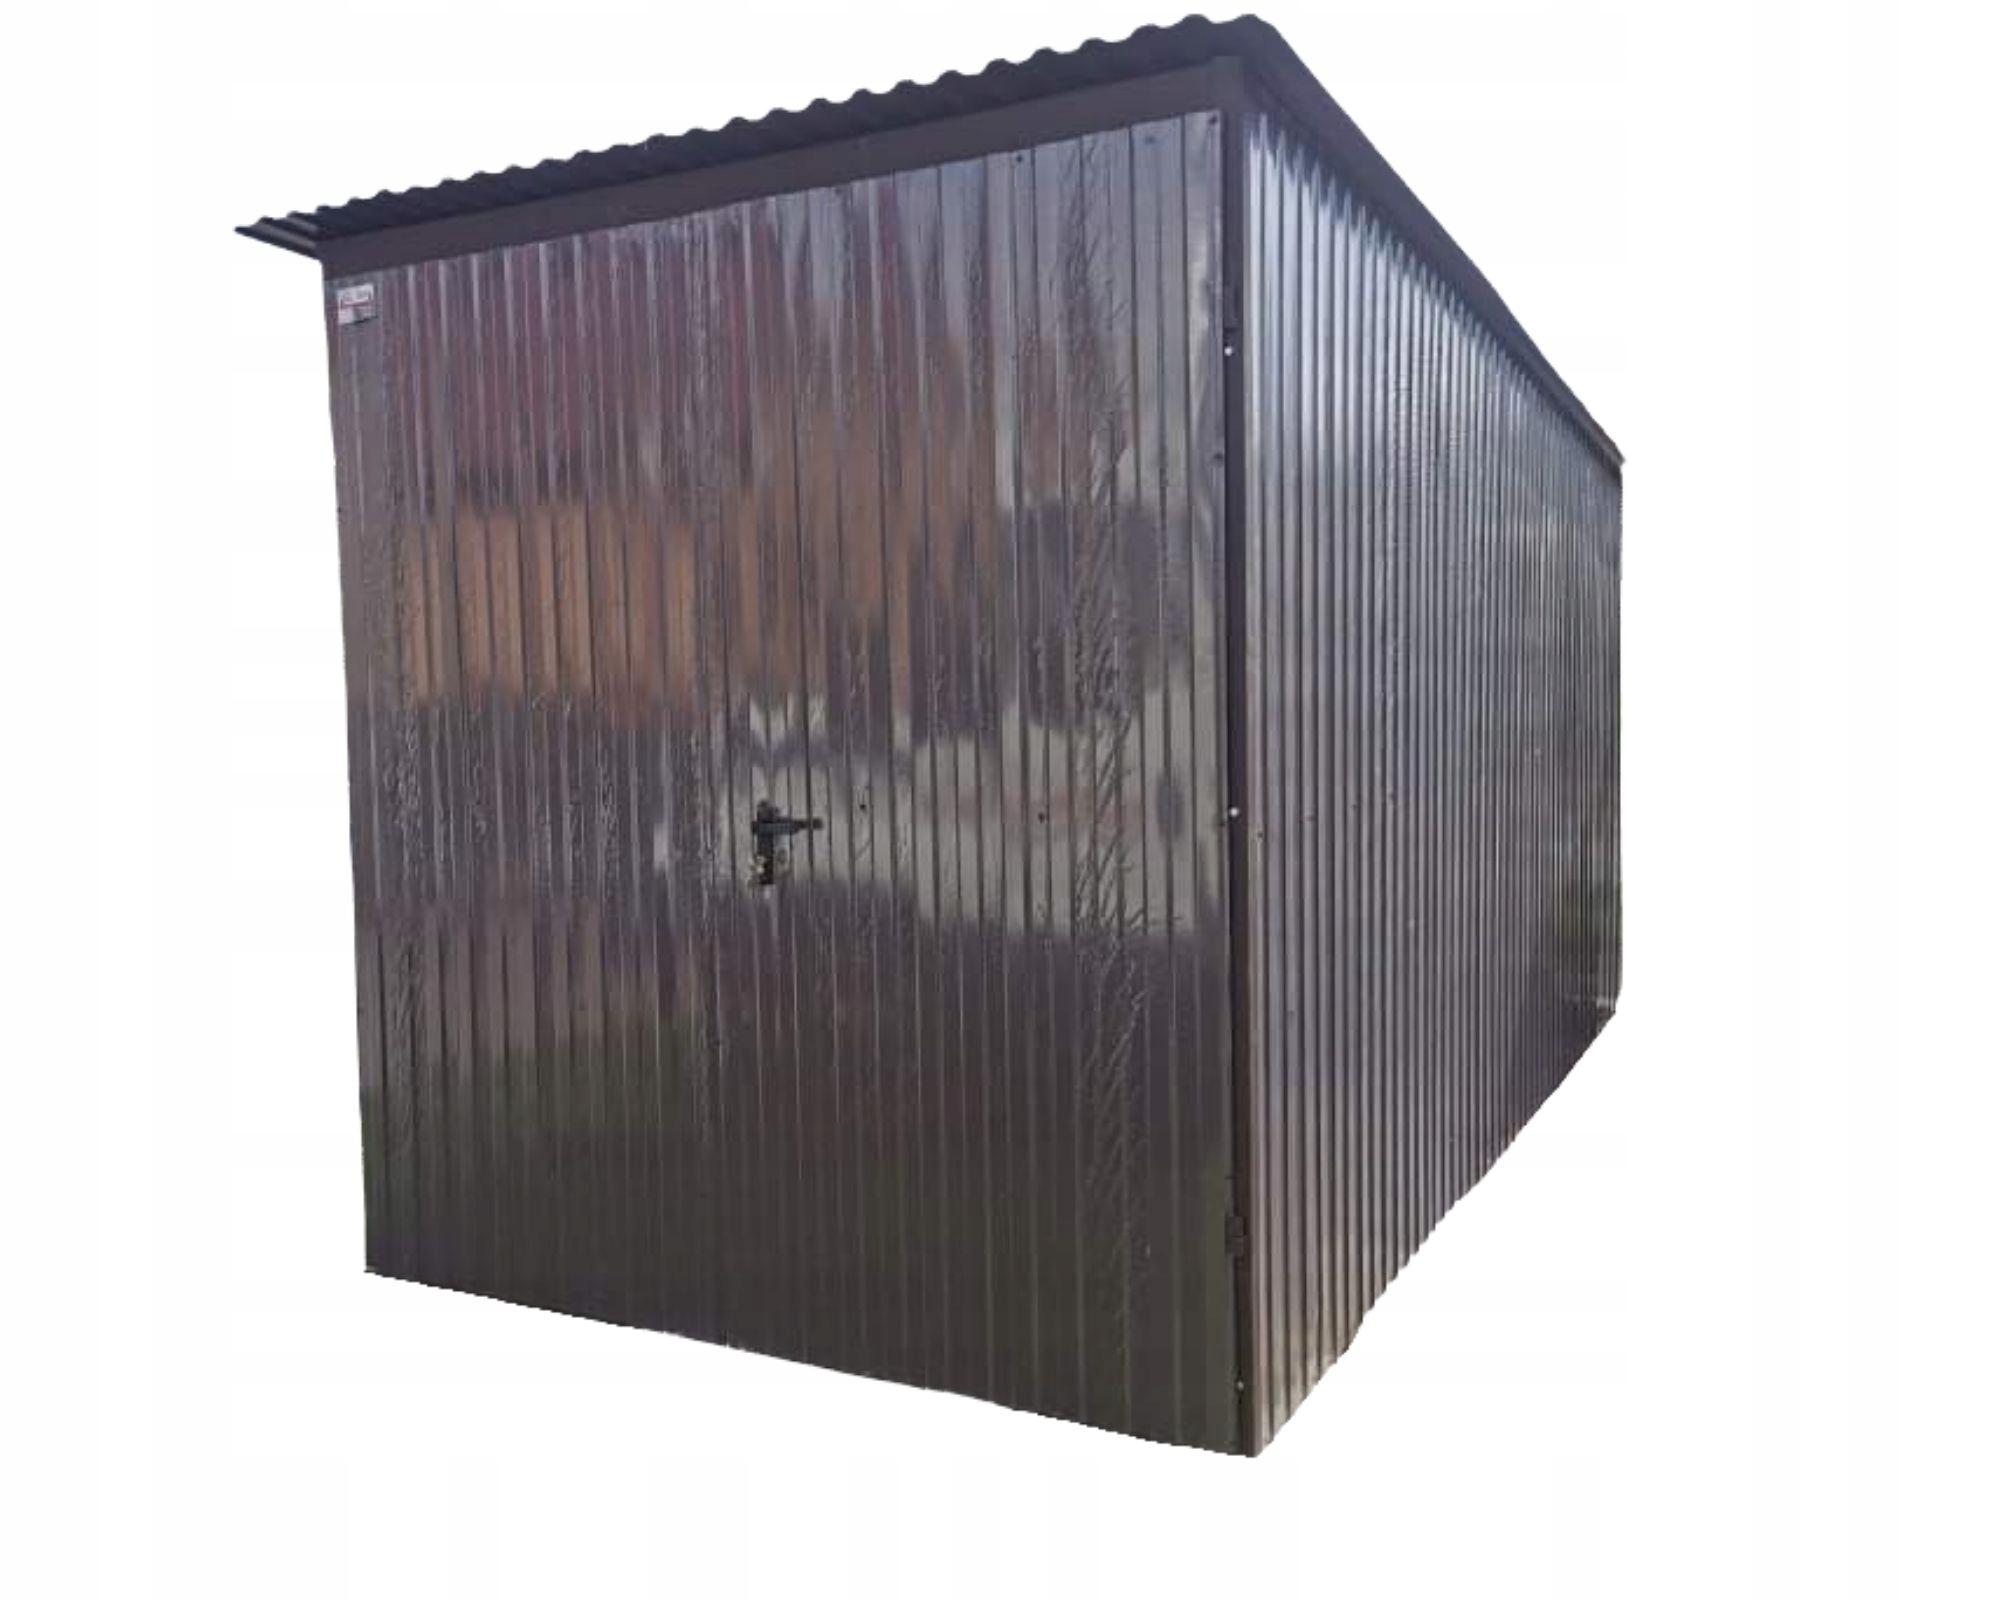 Жестяные гаражи, жестяной гараж, бронзовый гараж, Поморские ворота